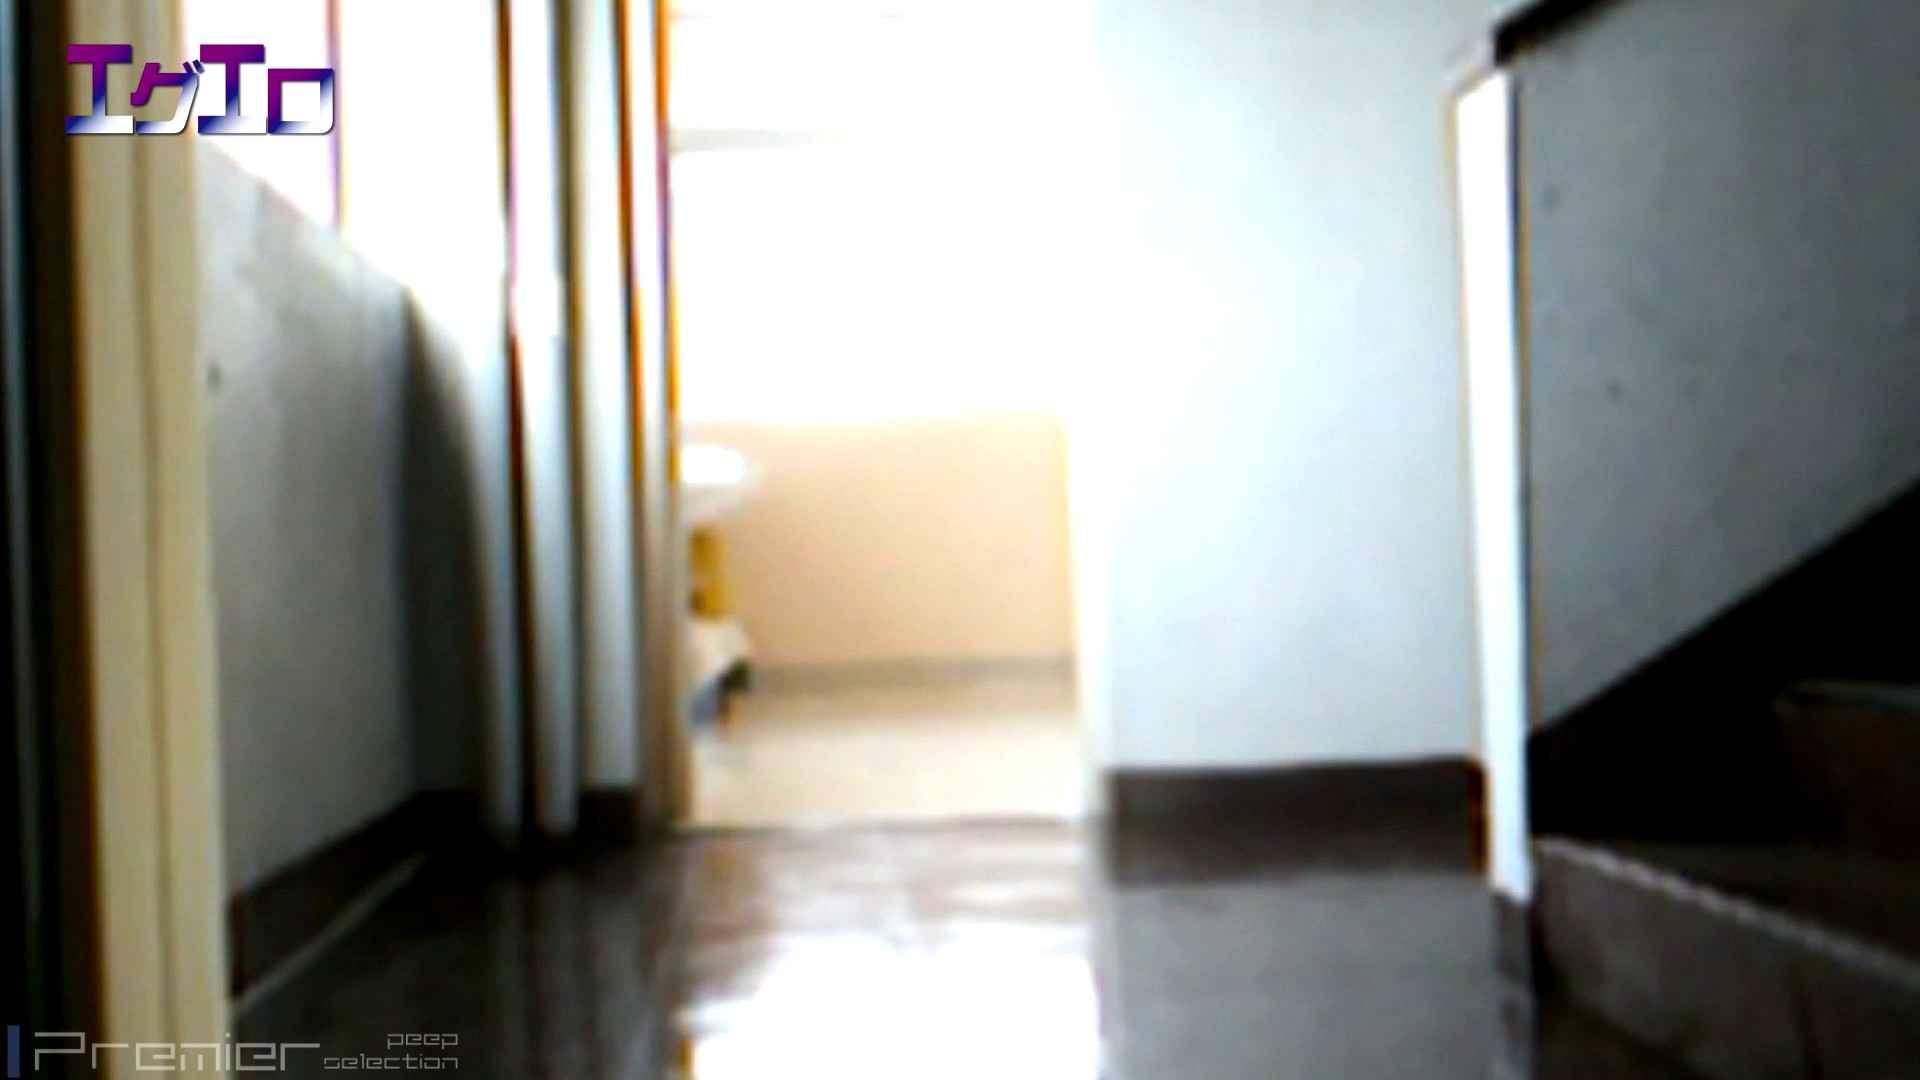 至近距離洗面所 Vol.10ブルージーンズギャルの大放nyo ギャルハメ撮り  20Pix 20